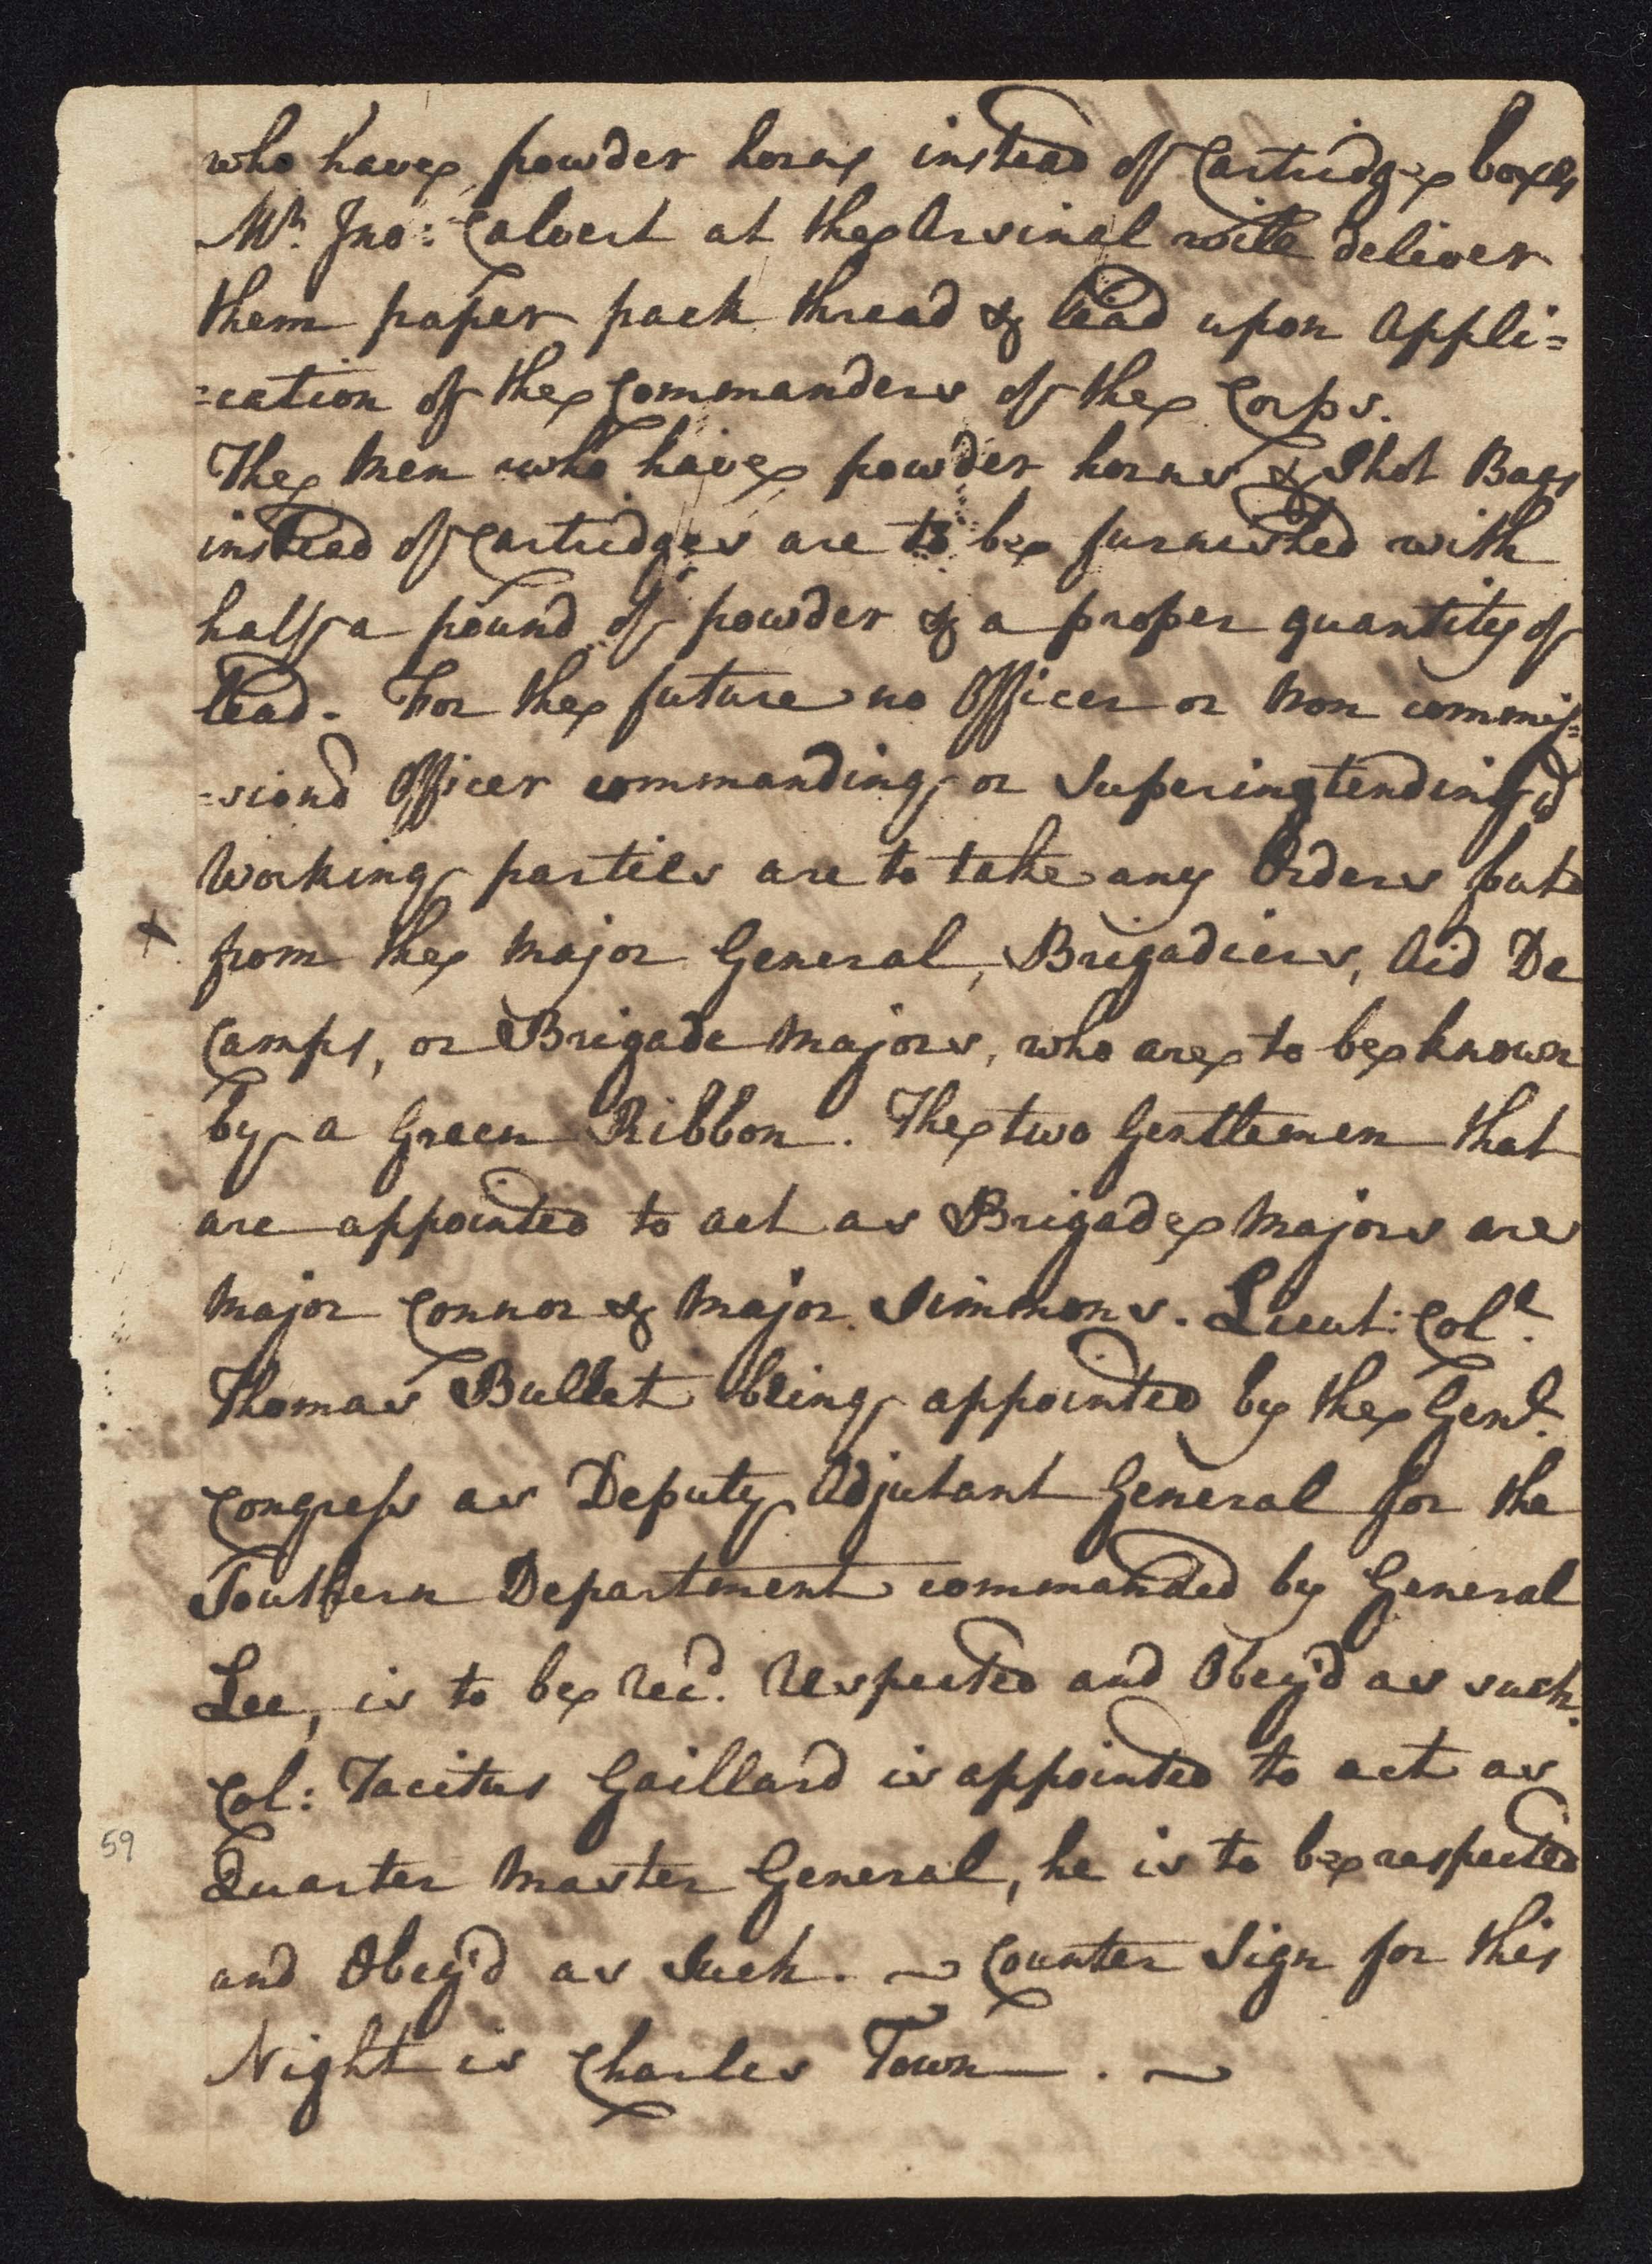 South Carolina Regiment Order Book, Page 117